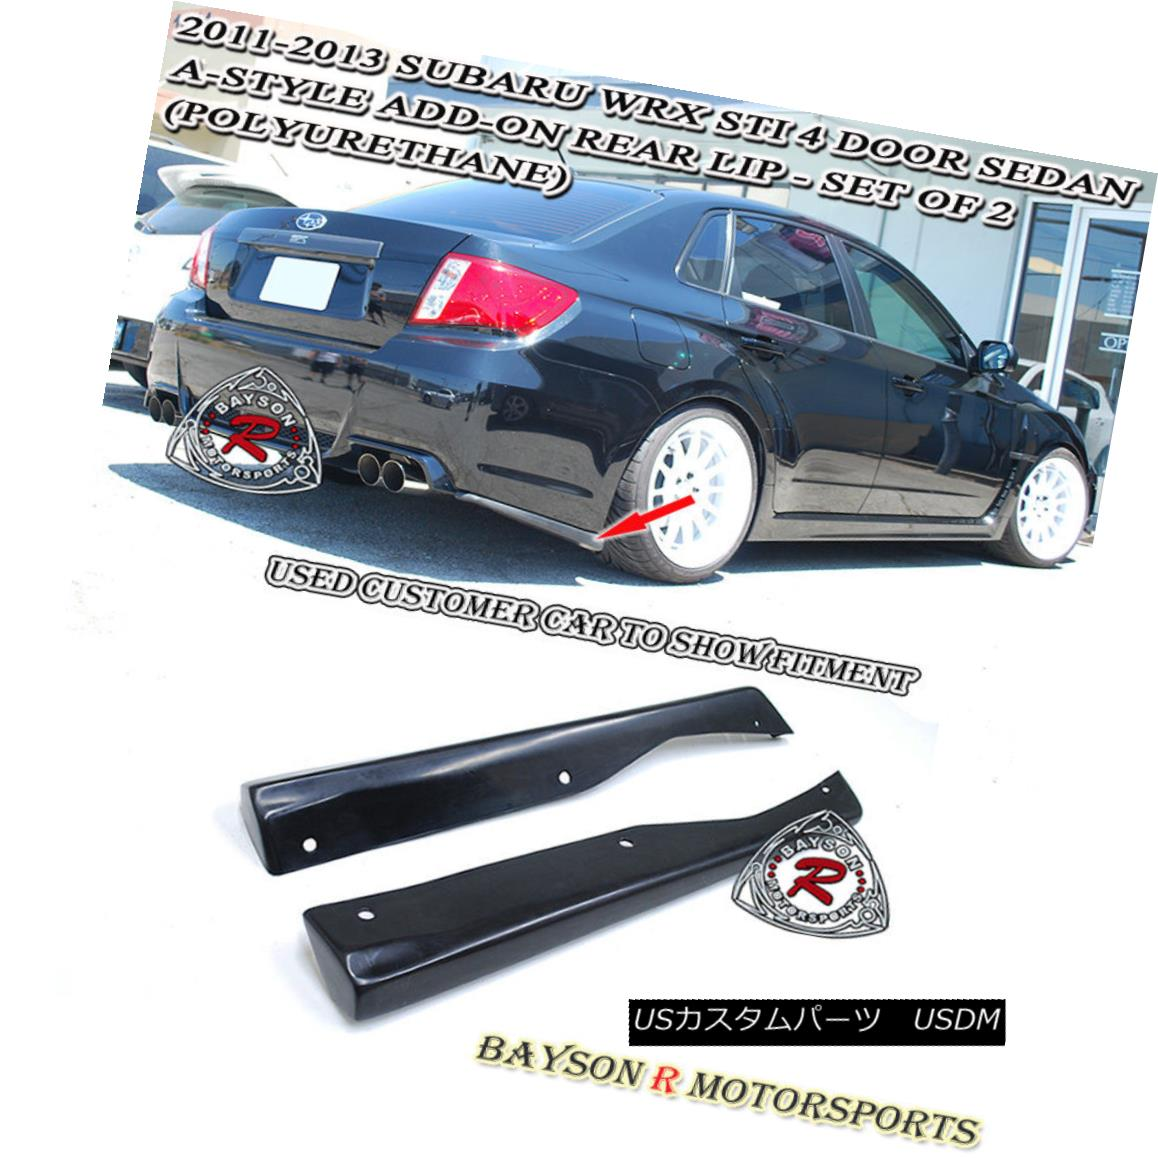 エアロパーツ A-Style Rear Lip Aprons (Urethane) Fits 11-14 Subaru Impreza WRX STi 4dr A-Styleリア・リップ・エプロン(ウレタン)11-14 Subaru Impreza WRX STi 4dr